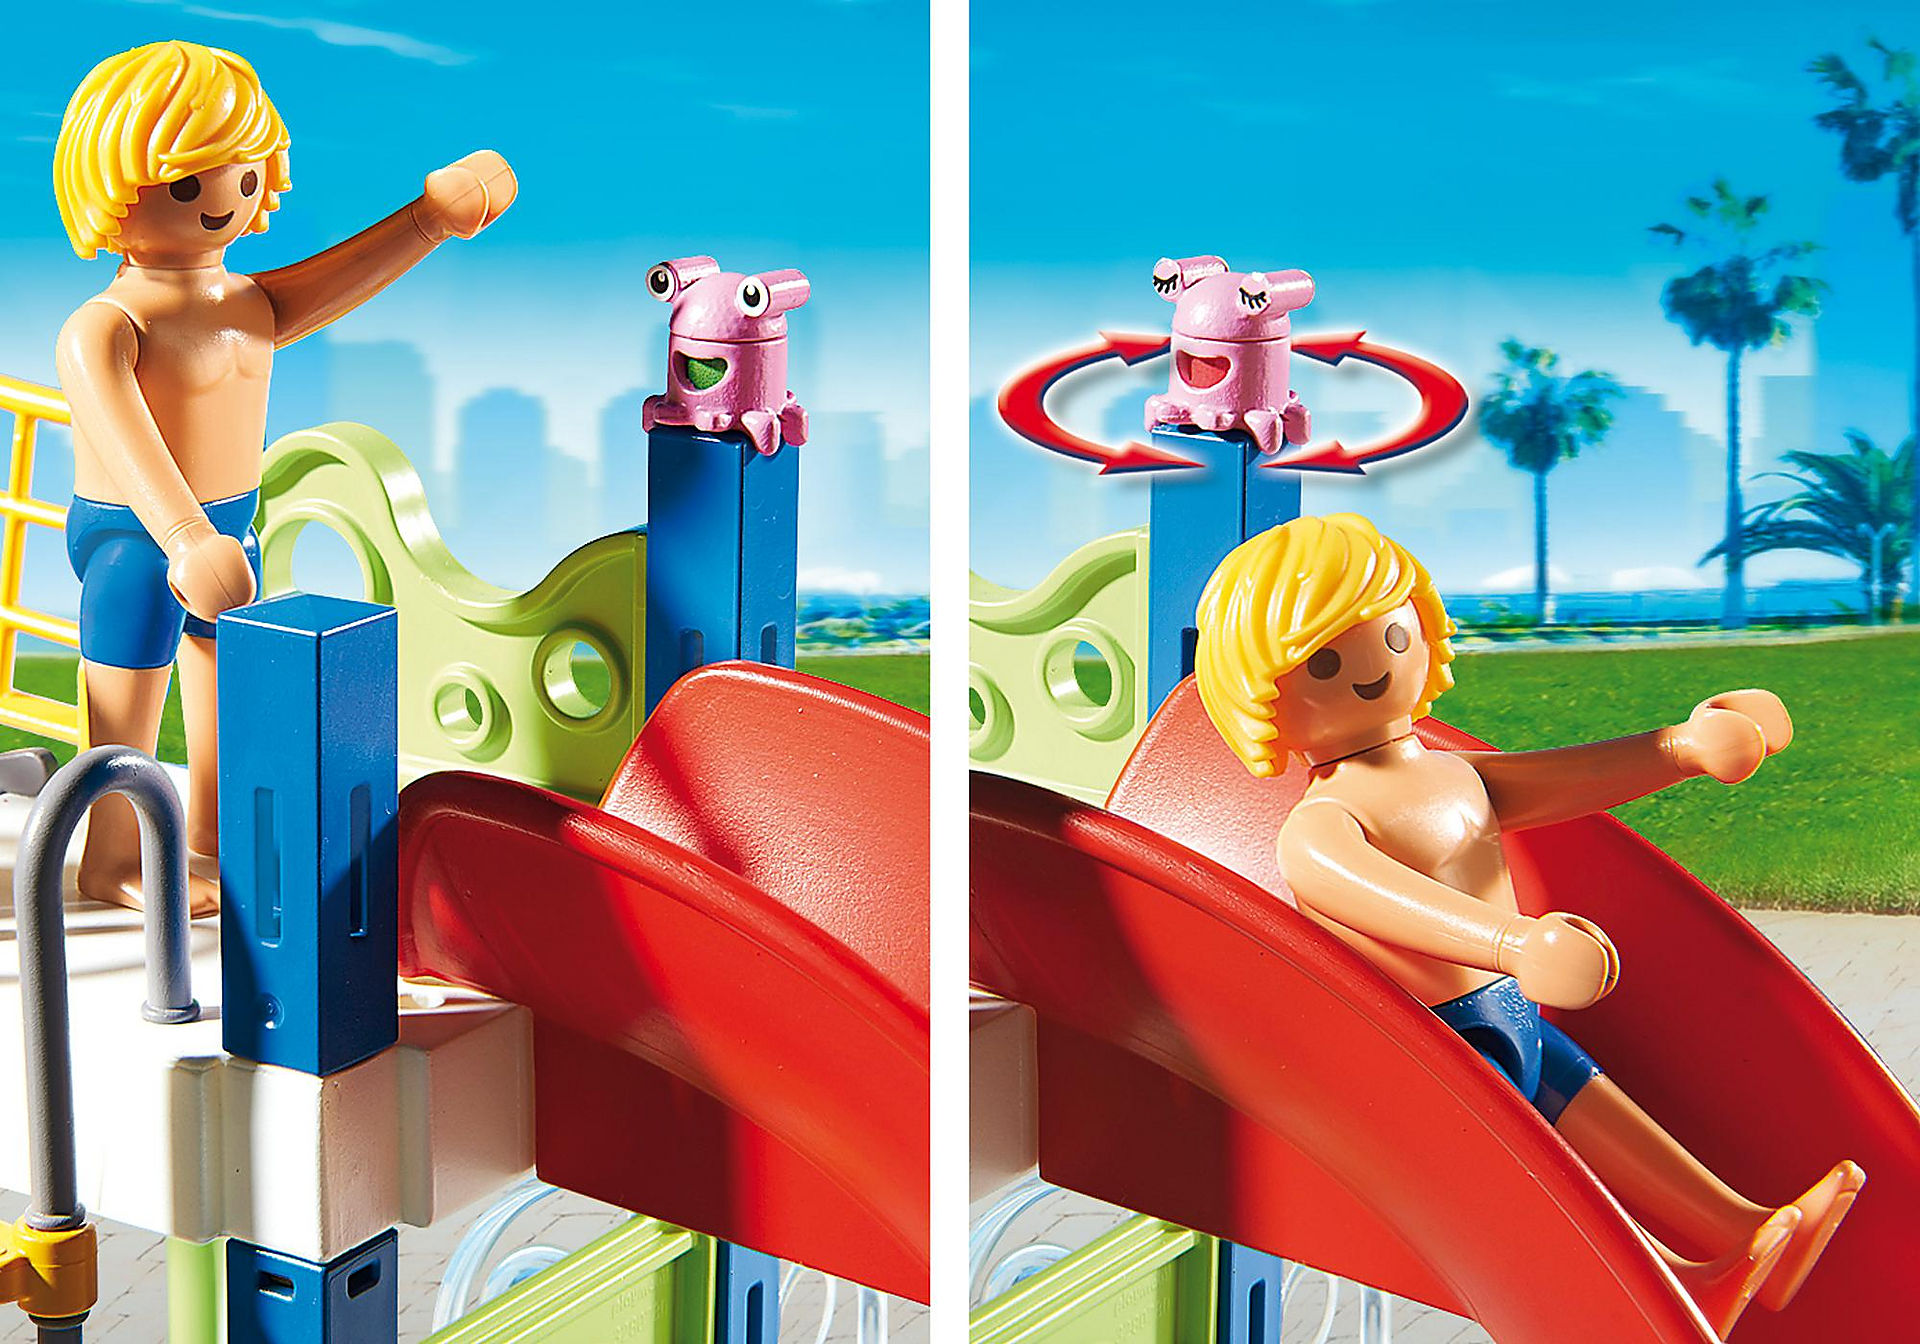 http://media.playmobil.com/i/playmobil/6670_product_extra2/Área de Brincadeiras Aquáticas